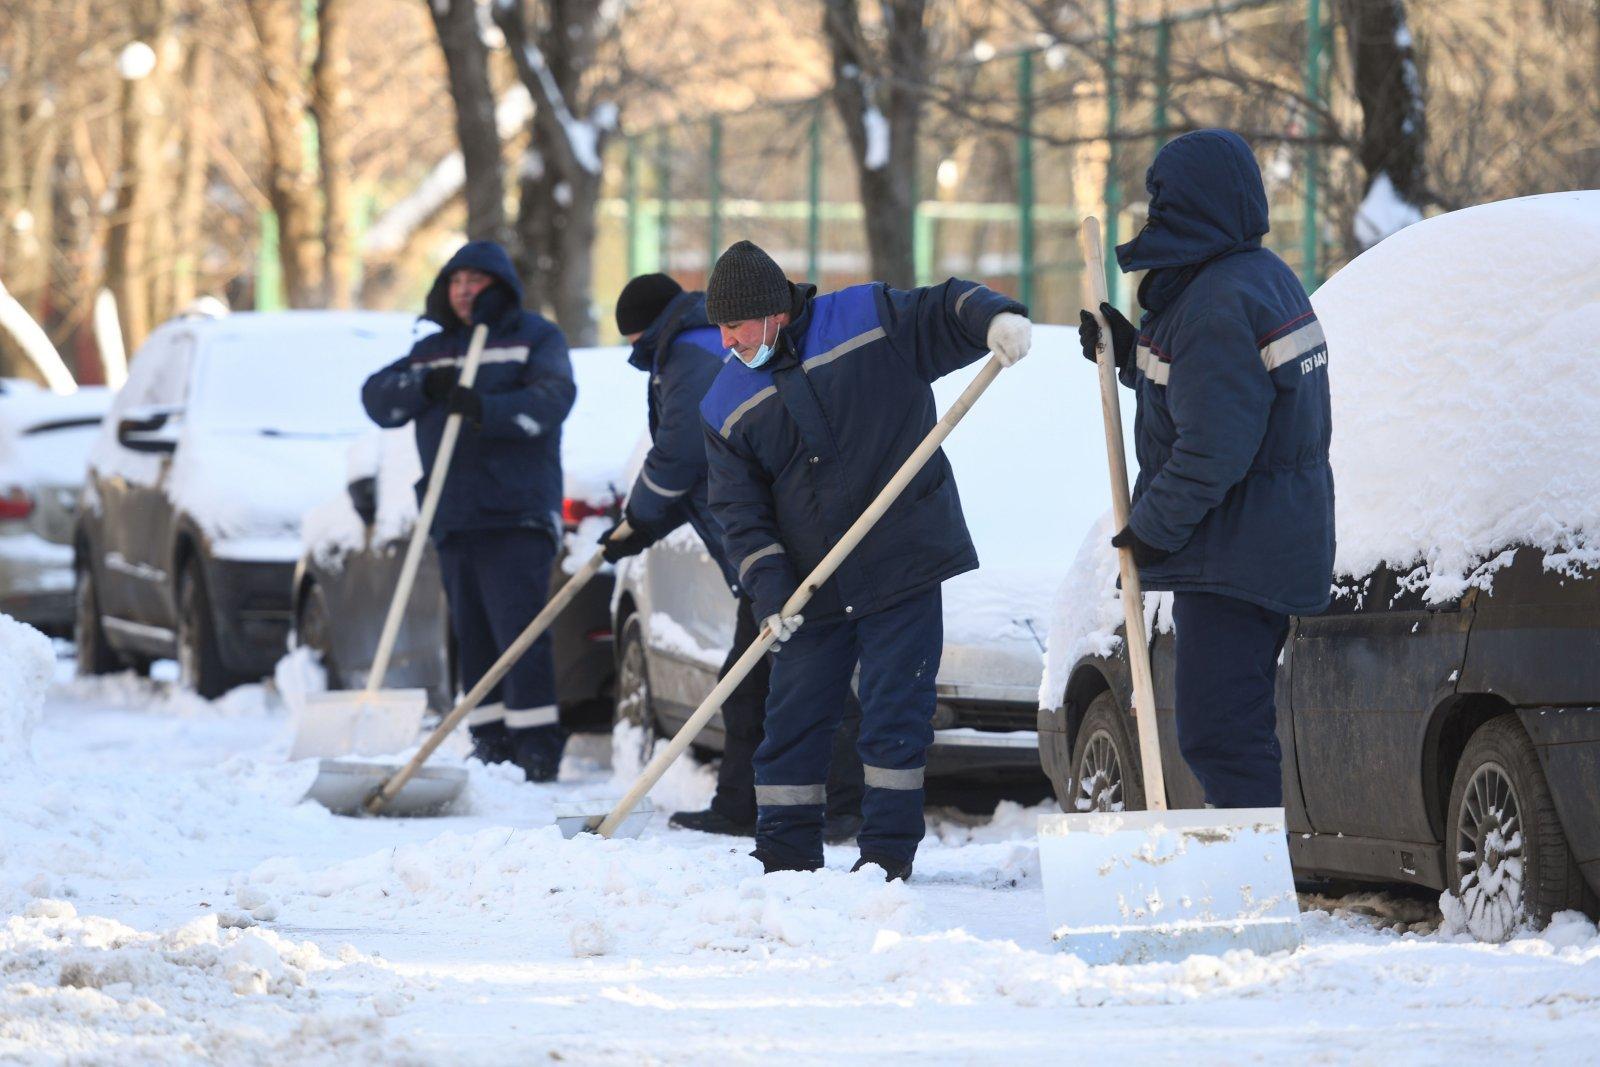 Moskvas suurendati lumekoristusega tegelevate inimeste arvu 80 000-le